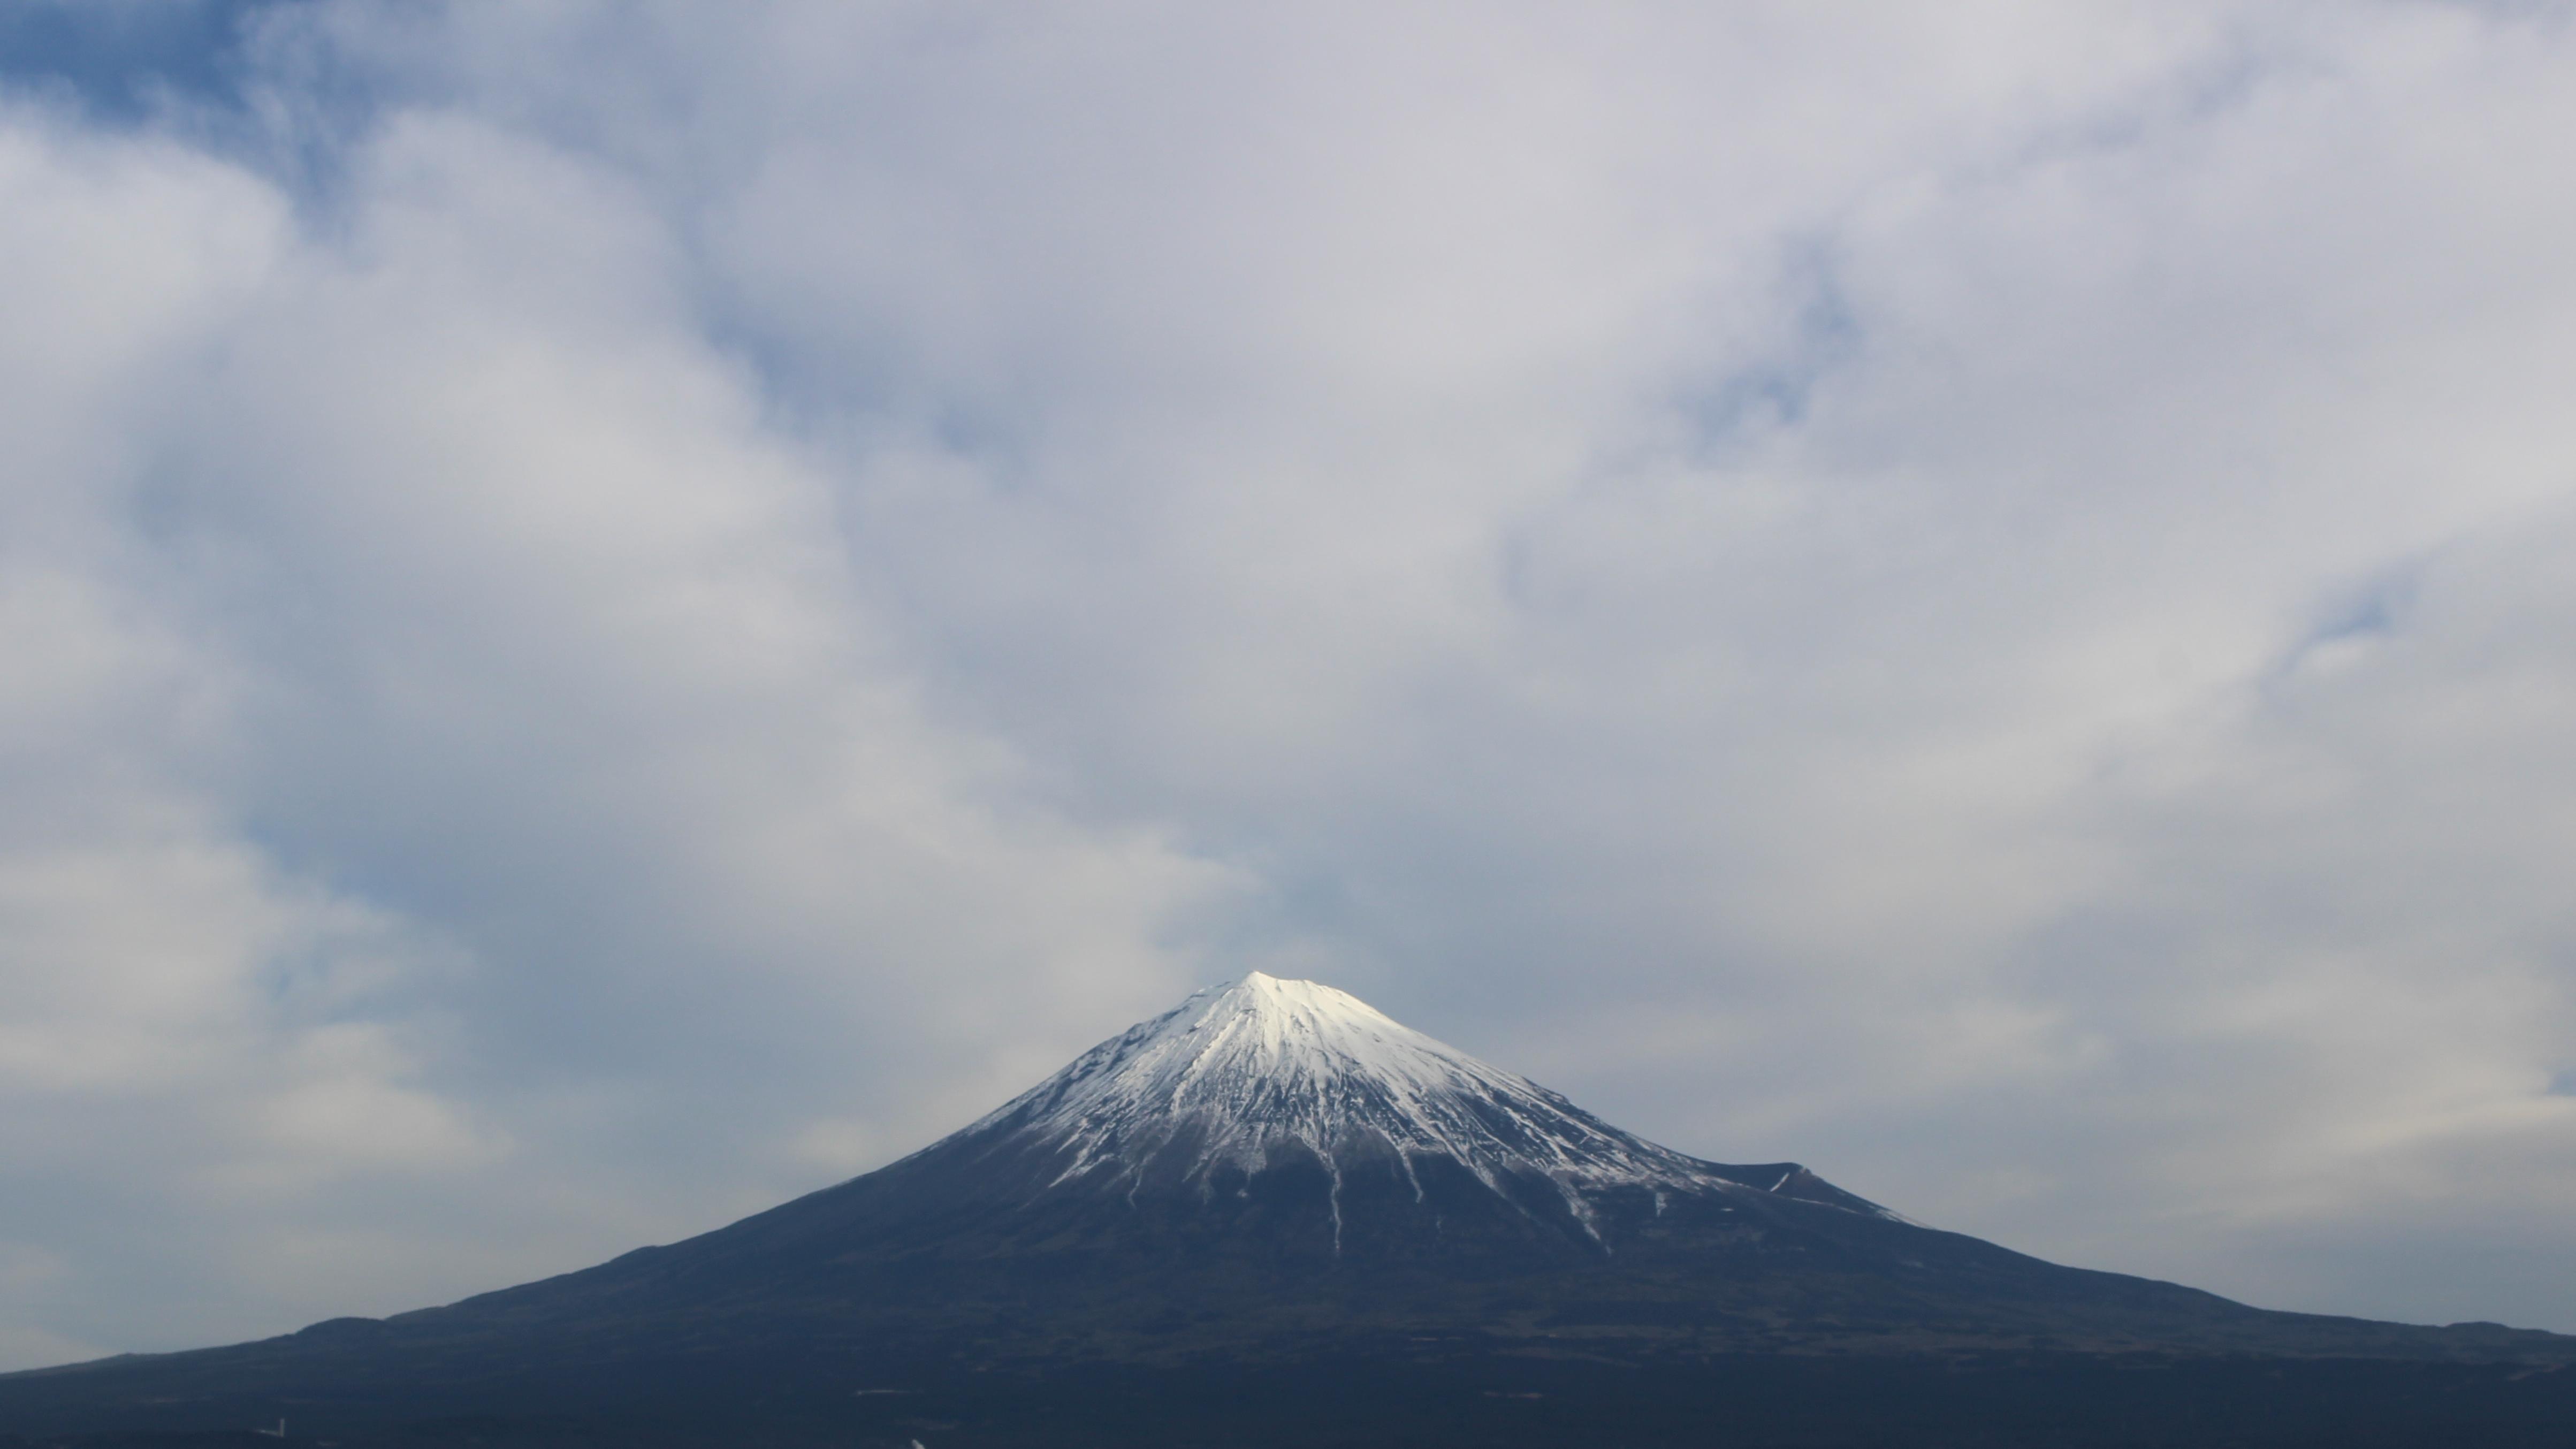 2017年1月27日の富士山の写真